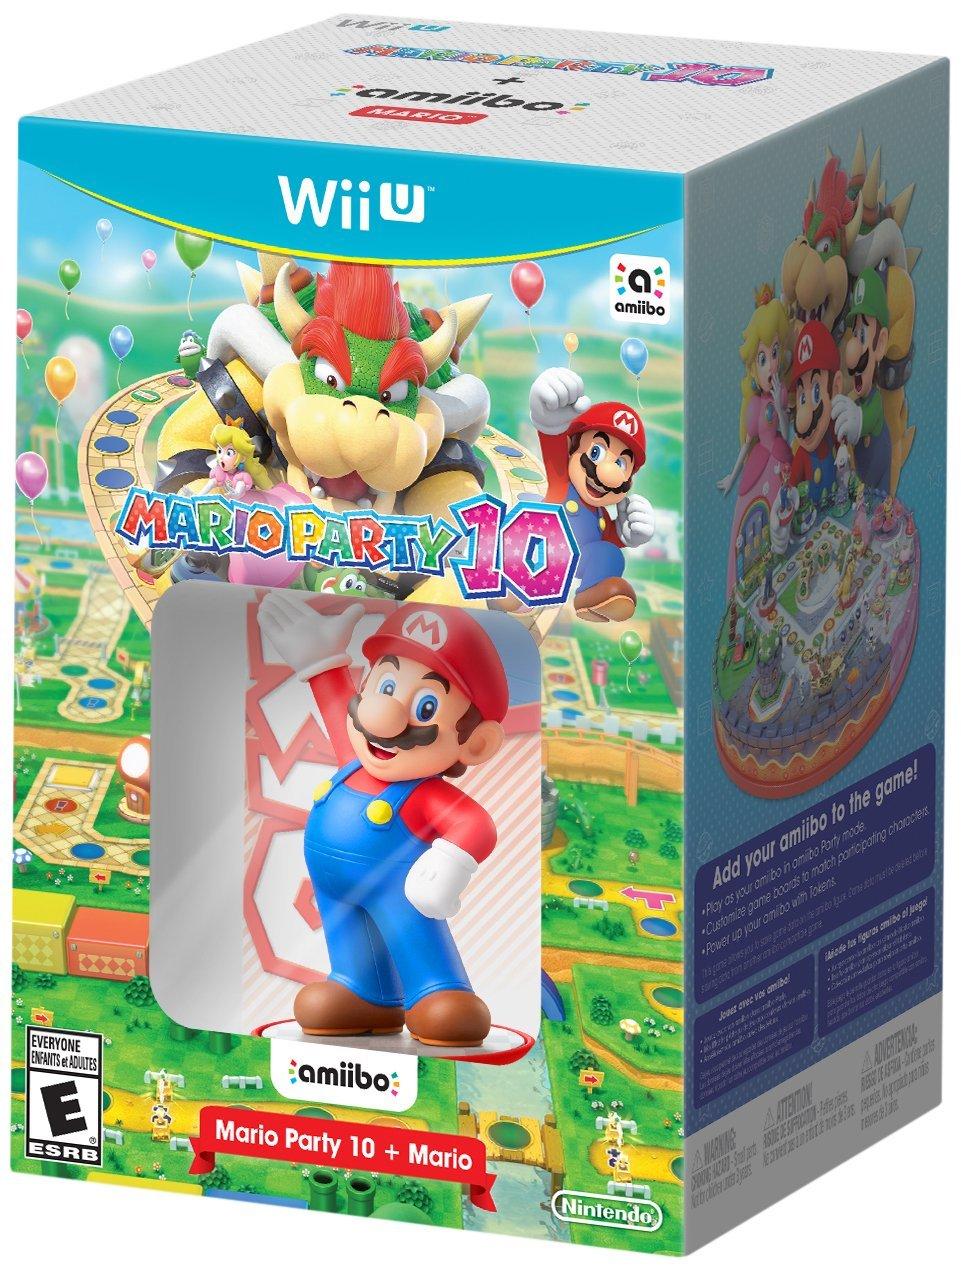 Mario Party 10 Bundle w/ Amiibo Nintendo Wii U @ Amazon PRE ORDER $59.99